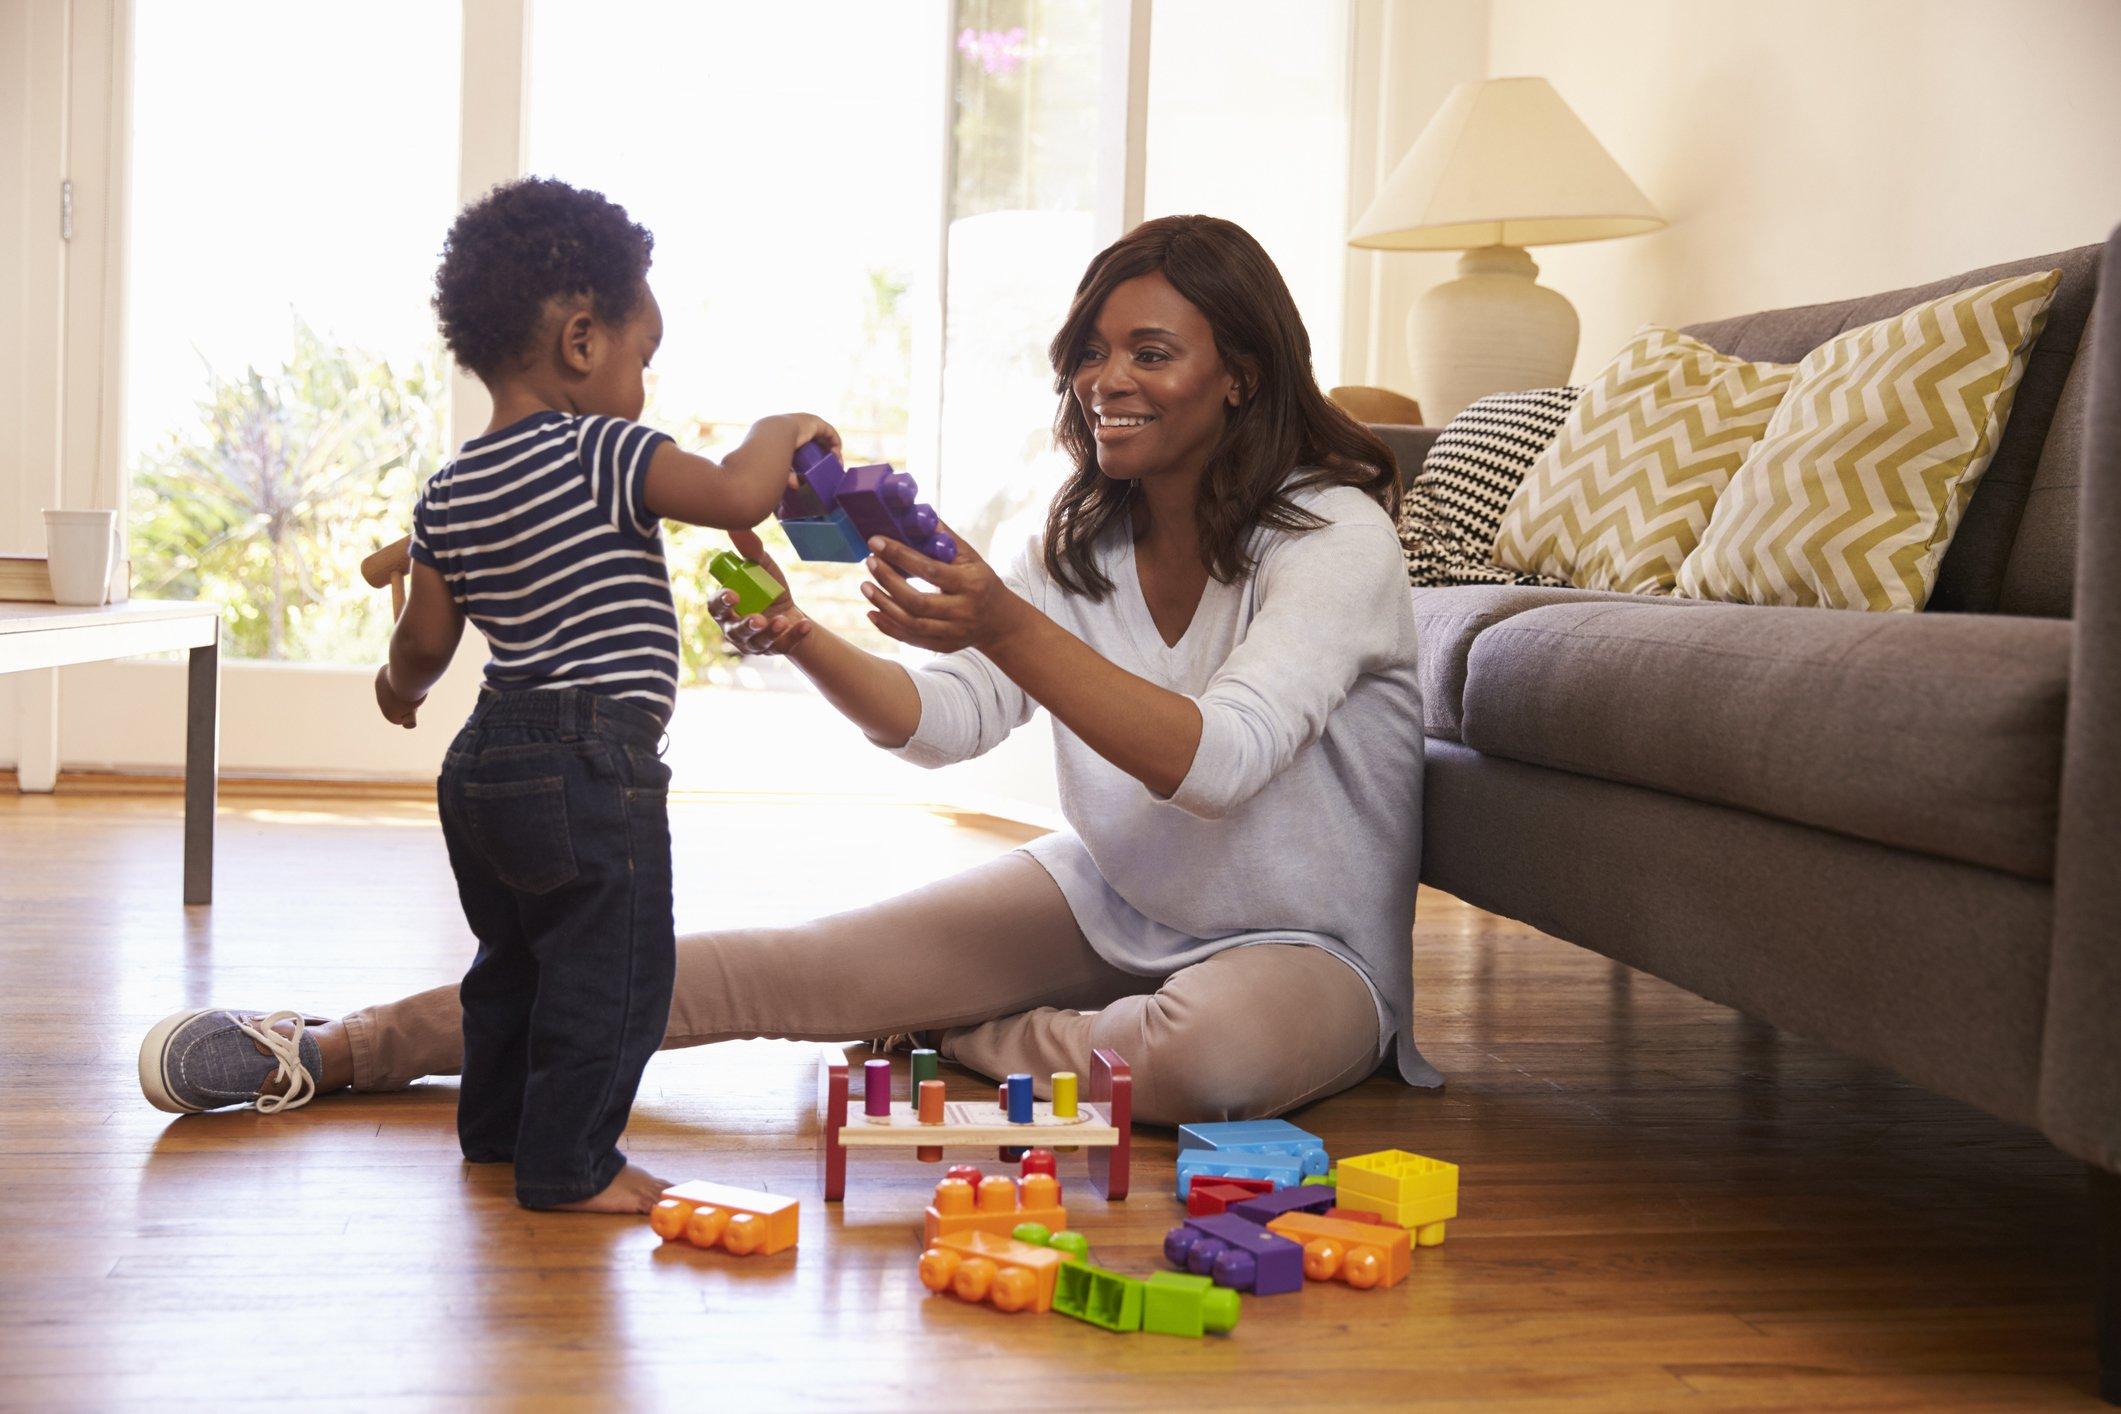 Os estímulos durante a brincadeira são importantes para o desenvolvimento e aprendizado